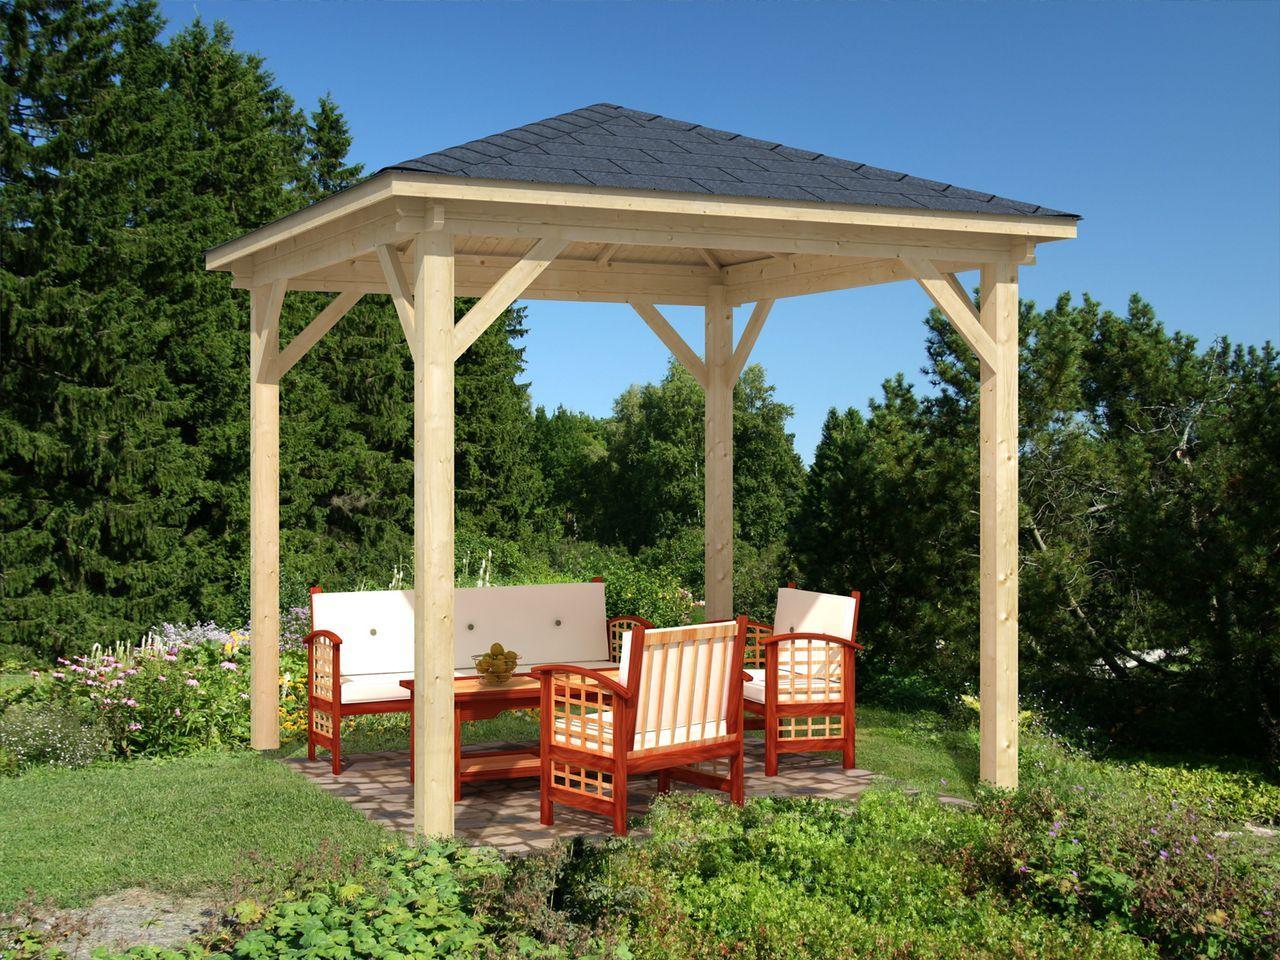 Awesome Gartenpavillon Selber Bauen Photos - Ideas & Design ...